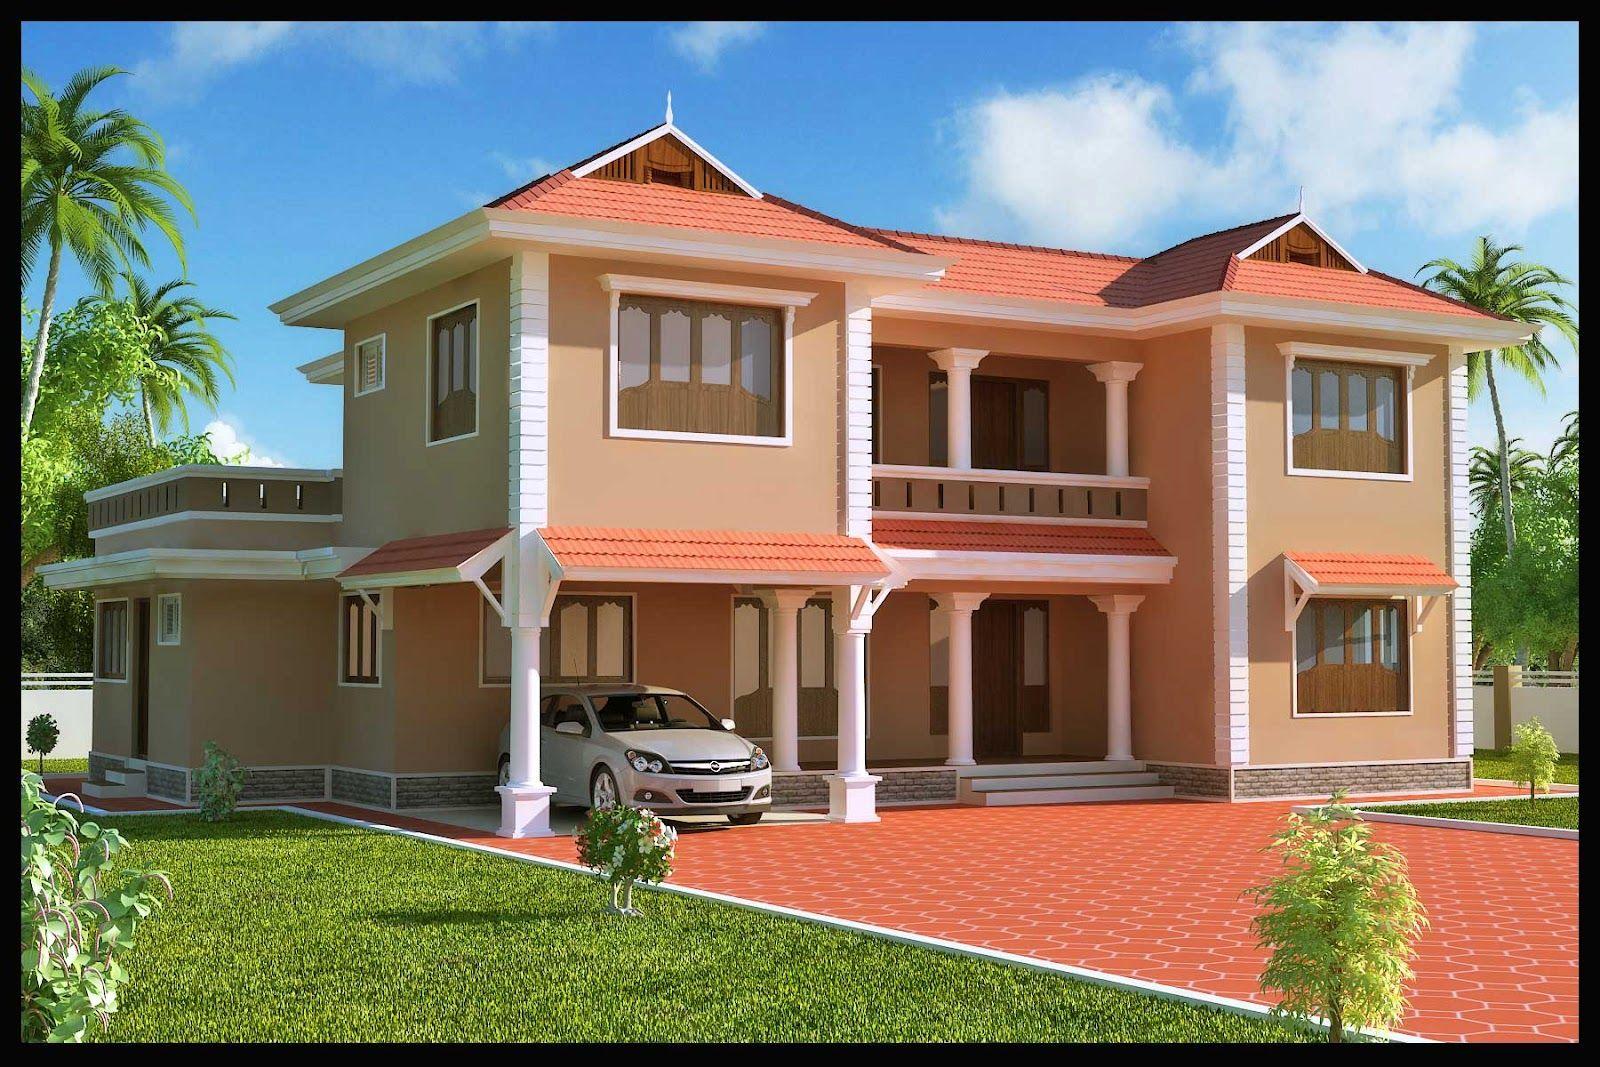 Kerala Home Design Duplex Interior At 2618 Sq Ft House Paint Exterior Small House Exteriors House Designs Exterior